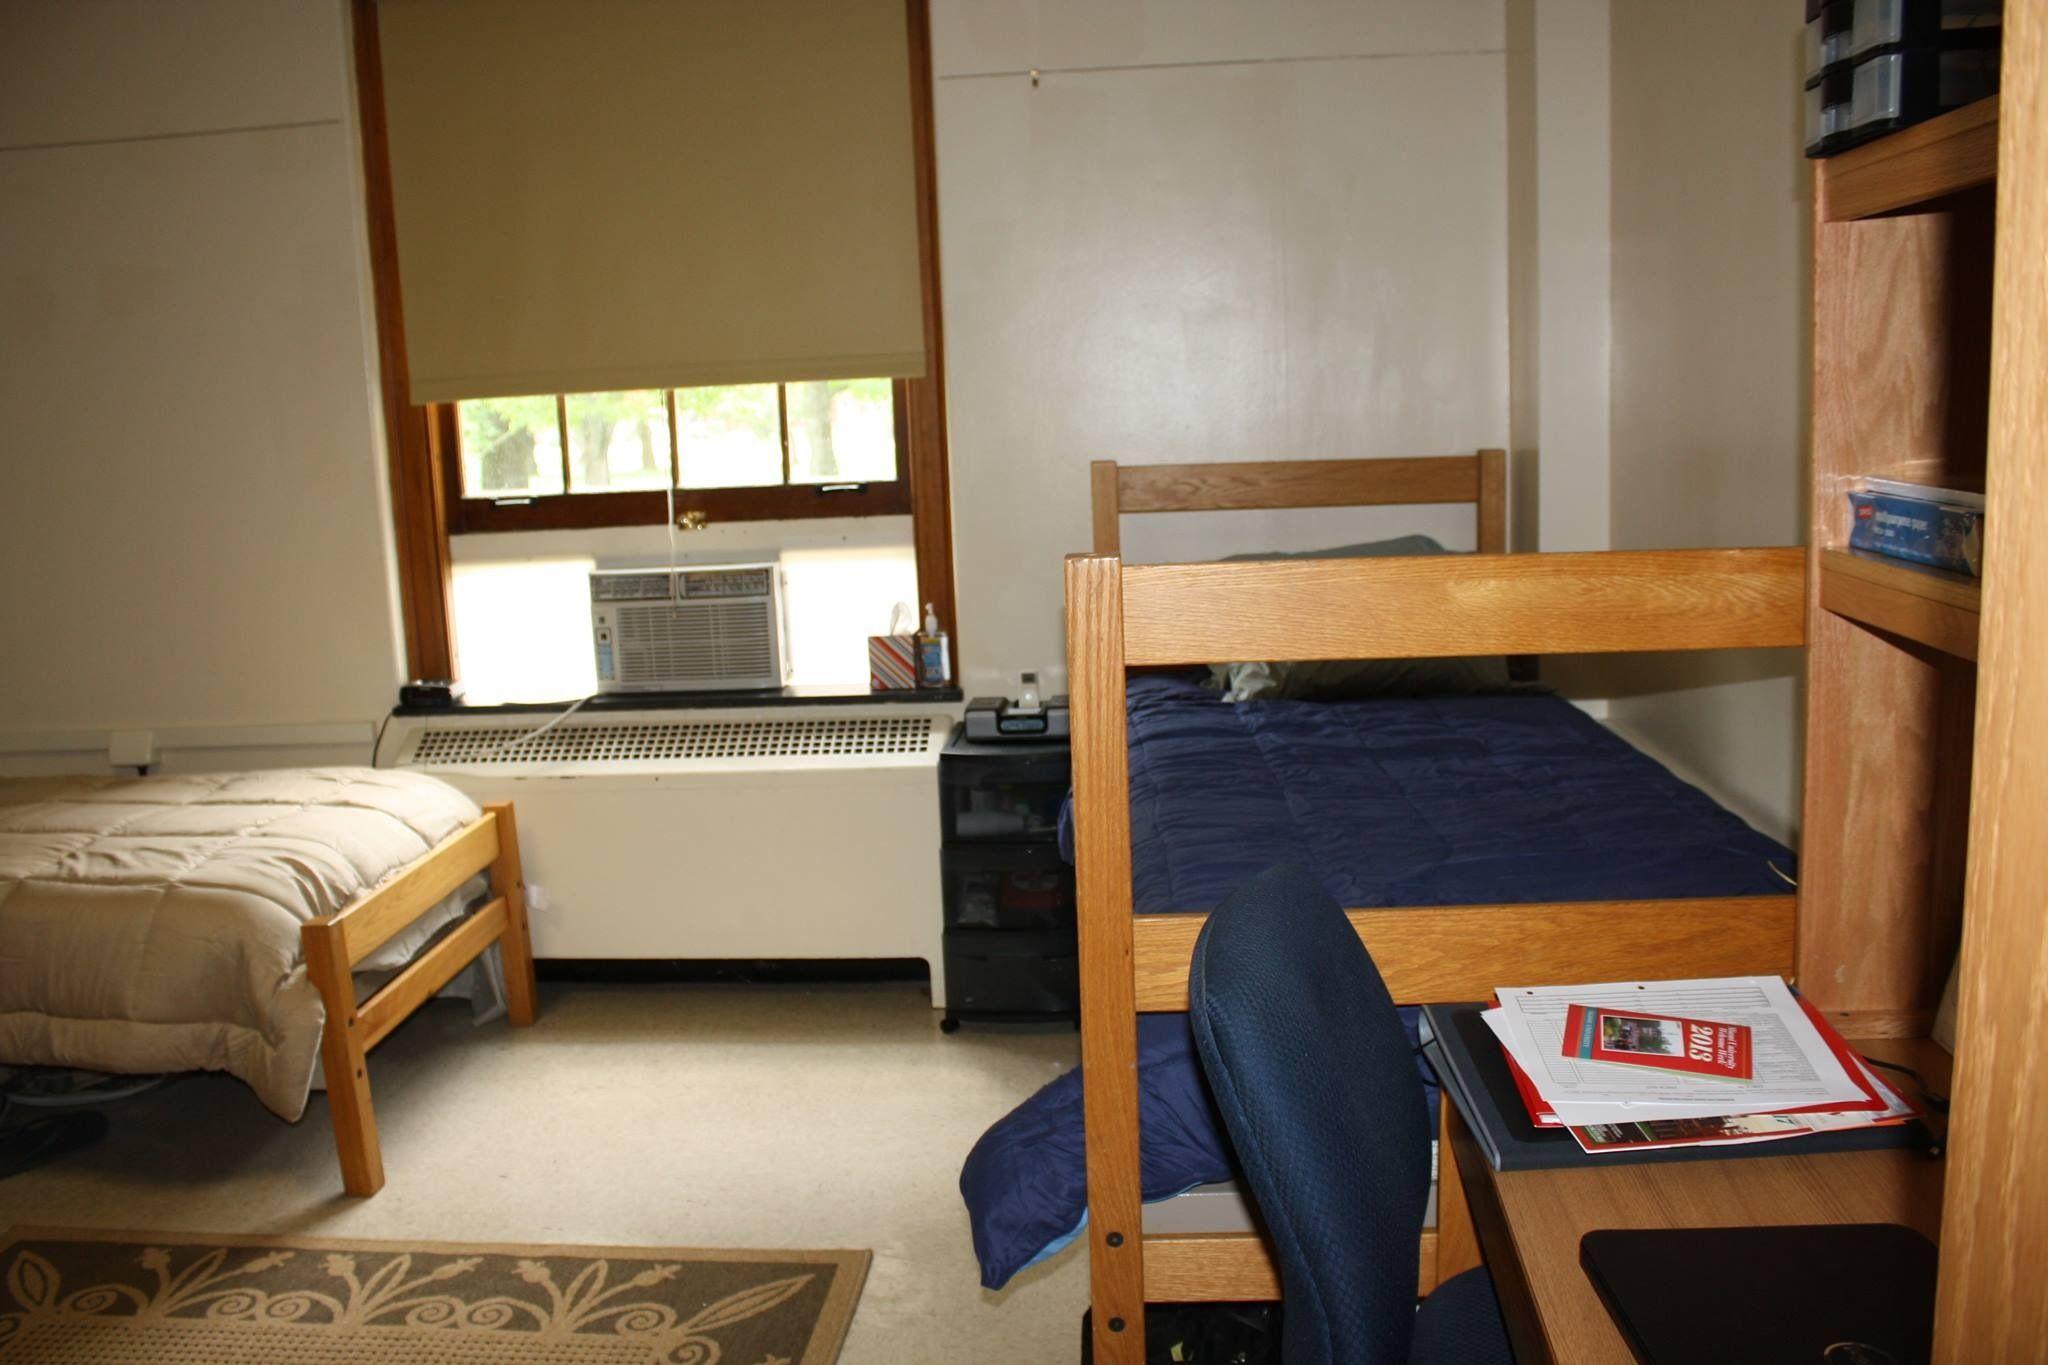 porter hall dorm room furniture - Dorm Room Furniture